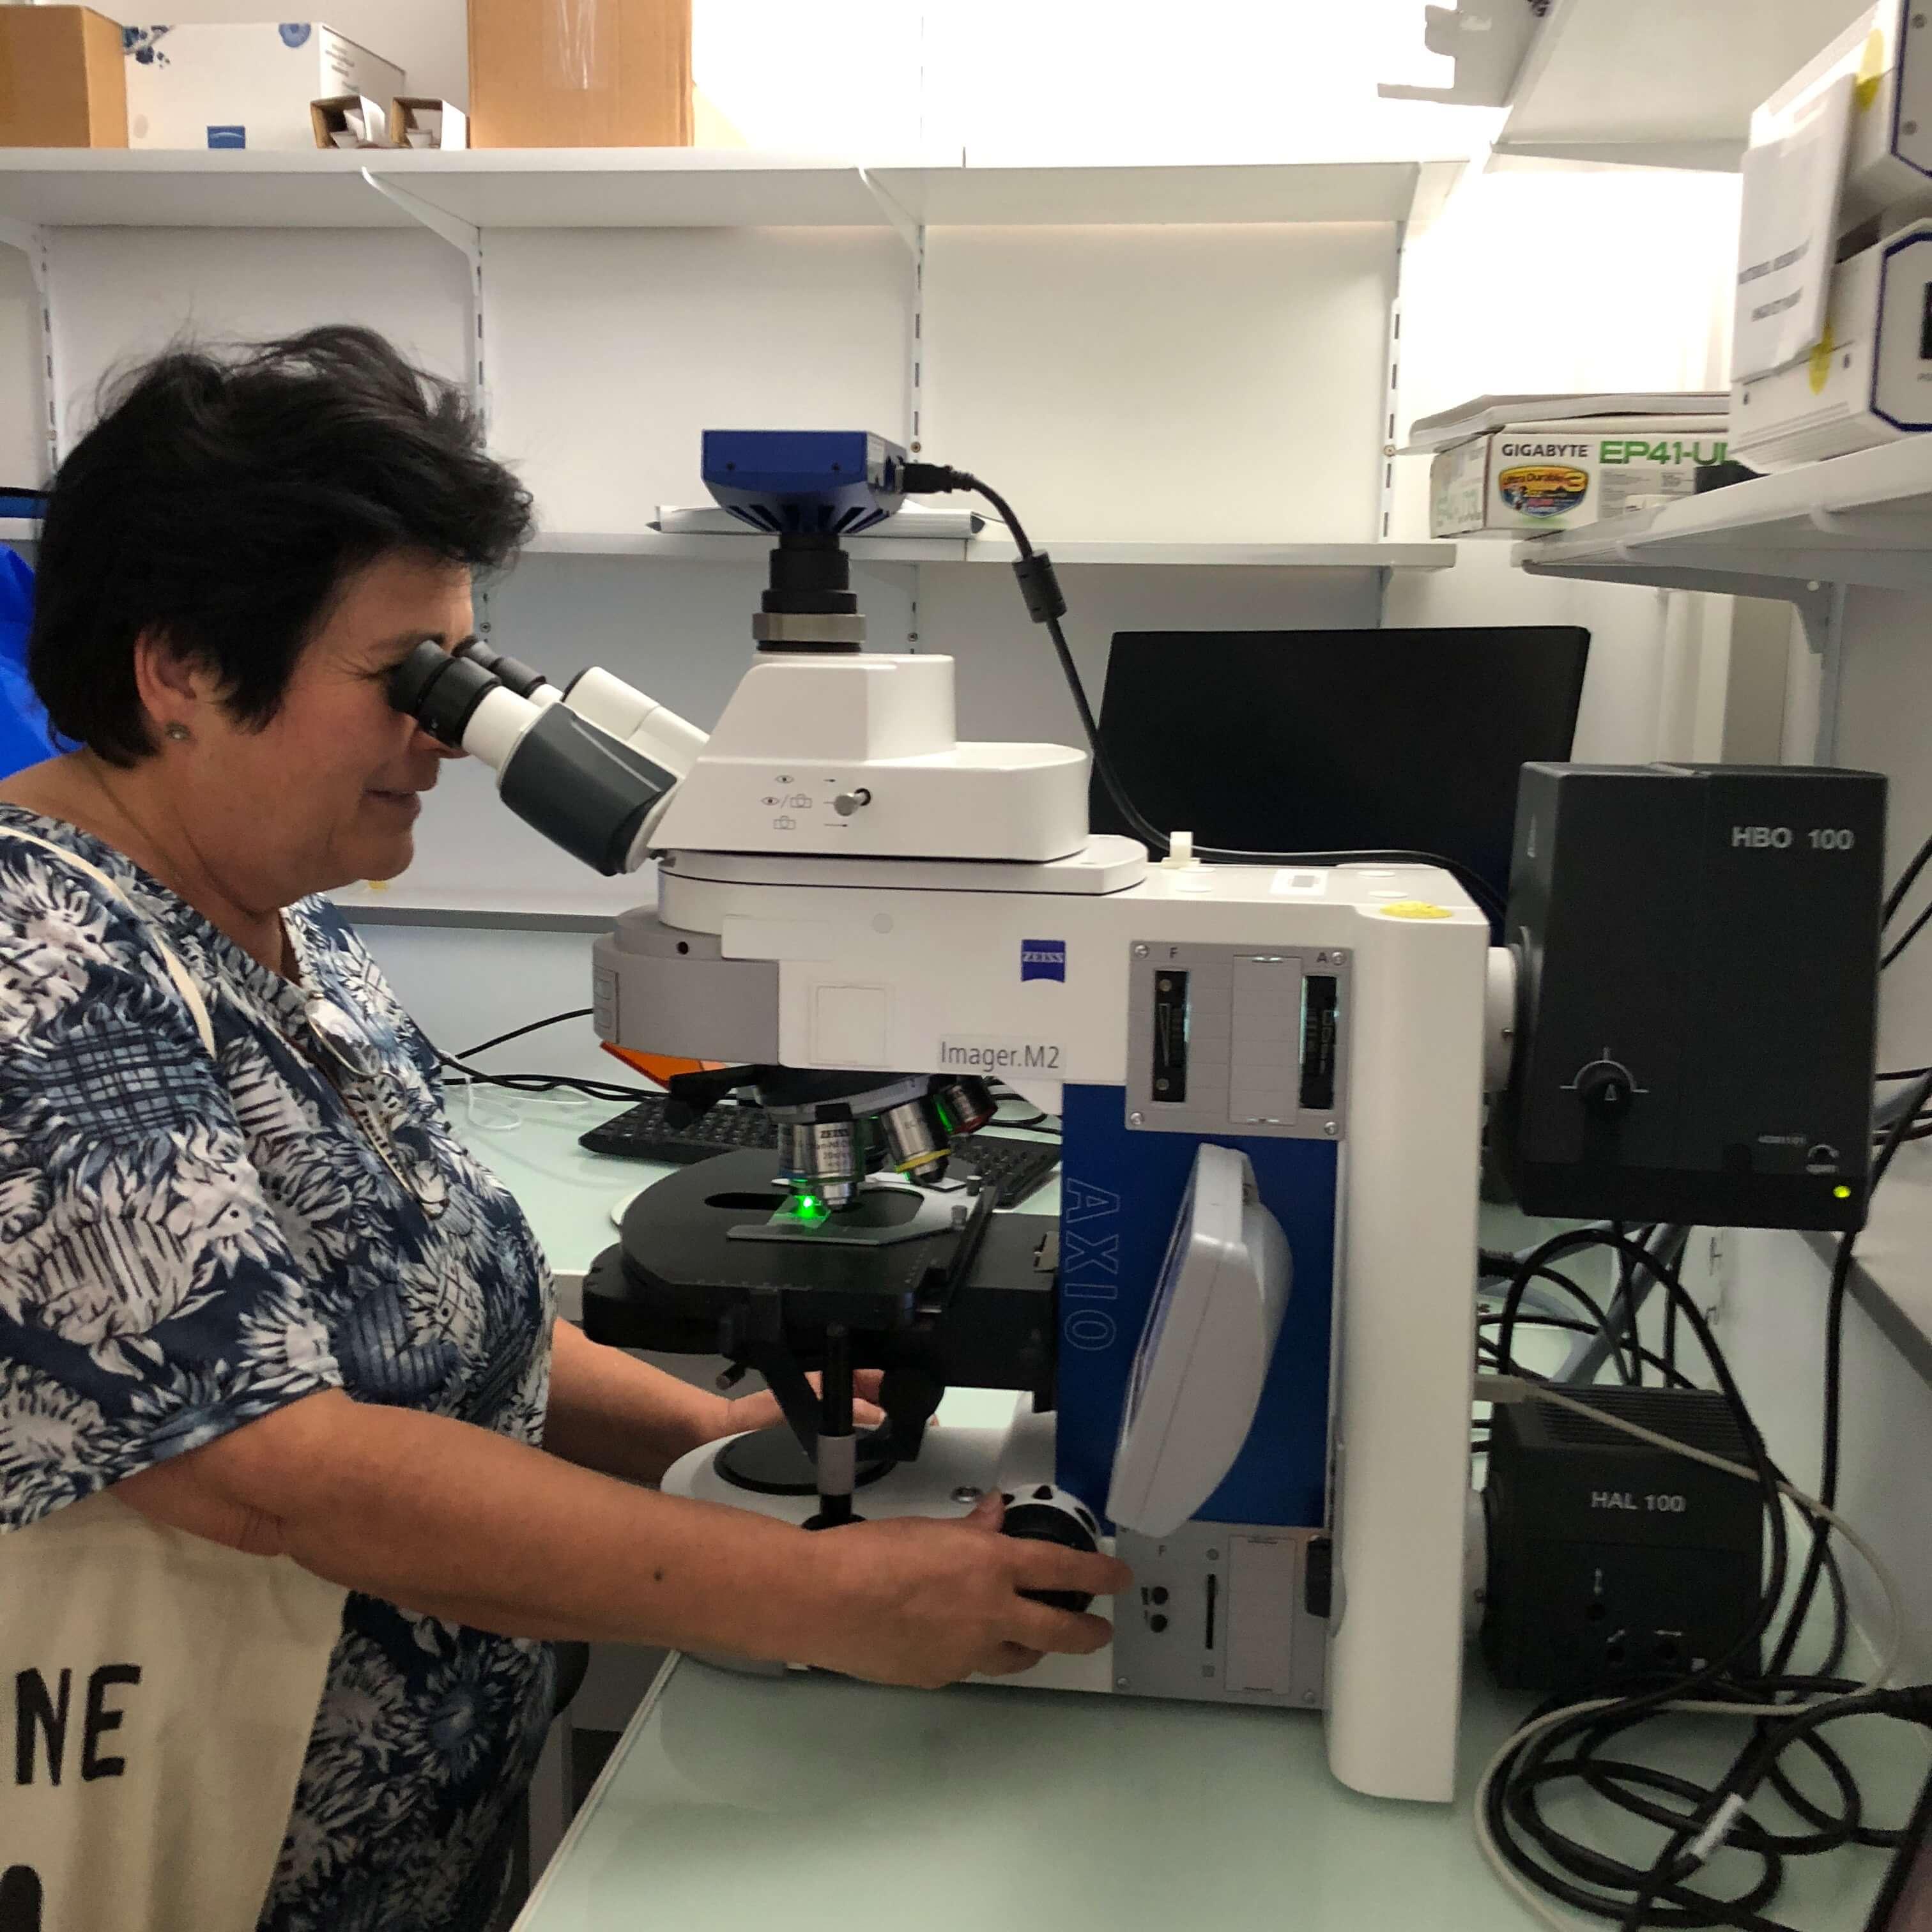 visite de laboratoire pour la journée mondiale de l'alzheimer